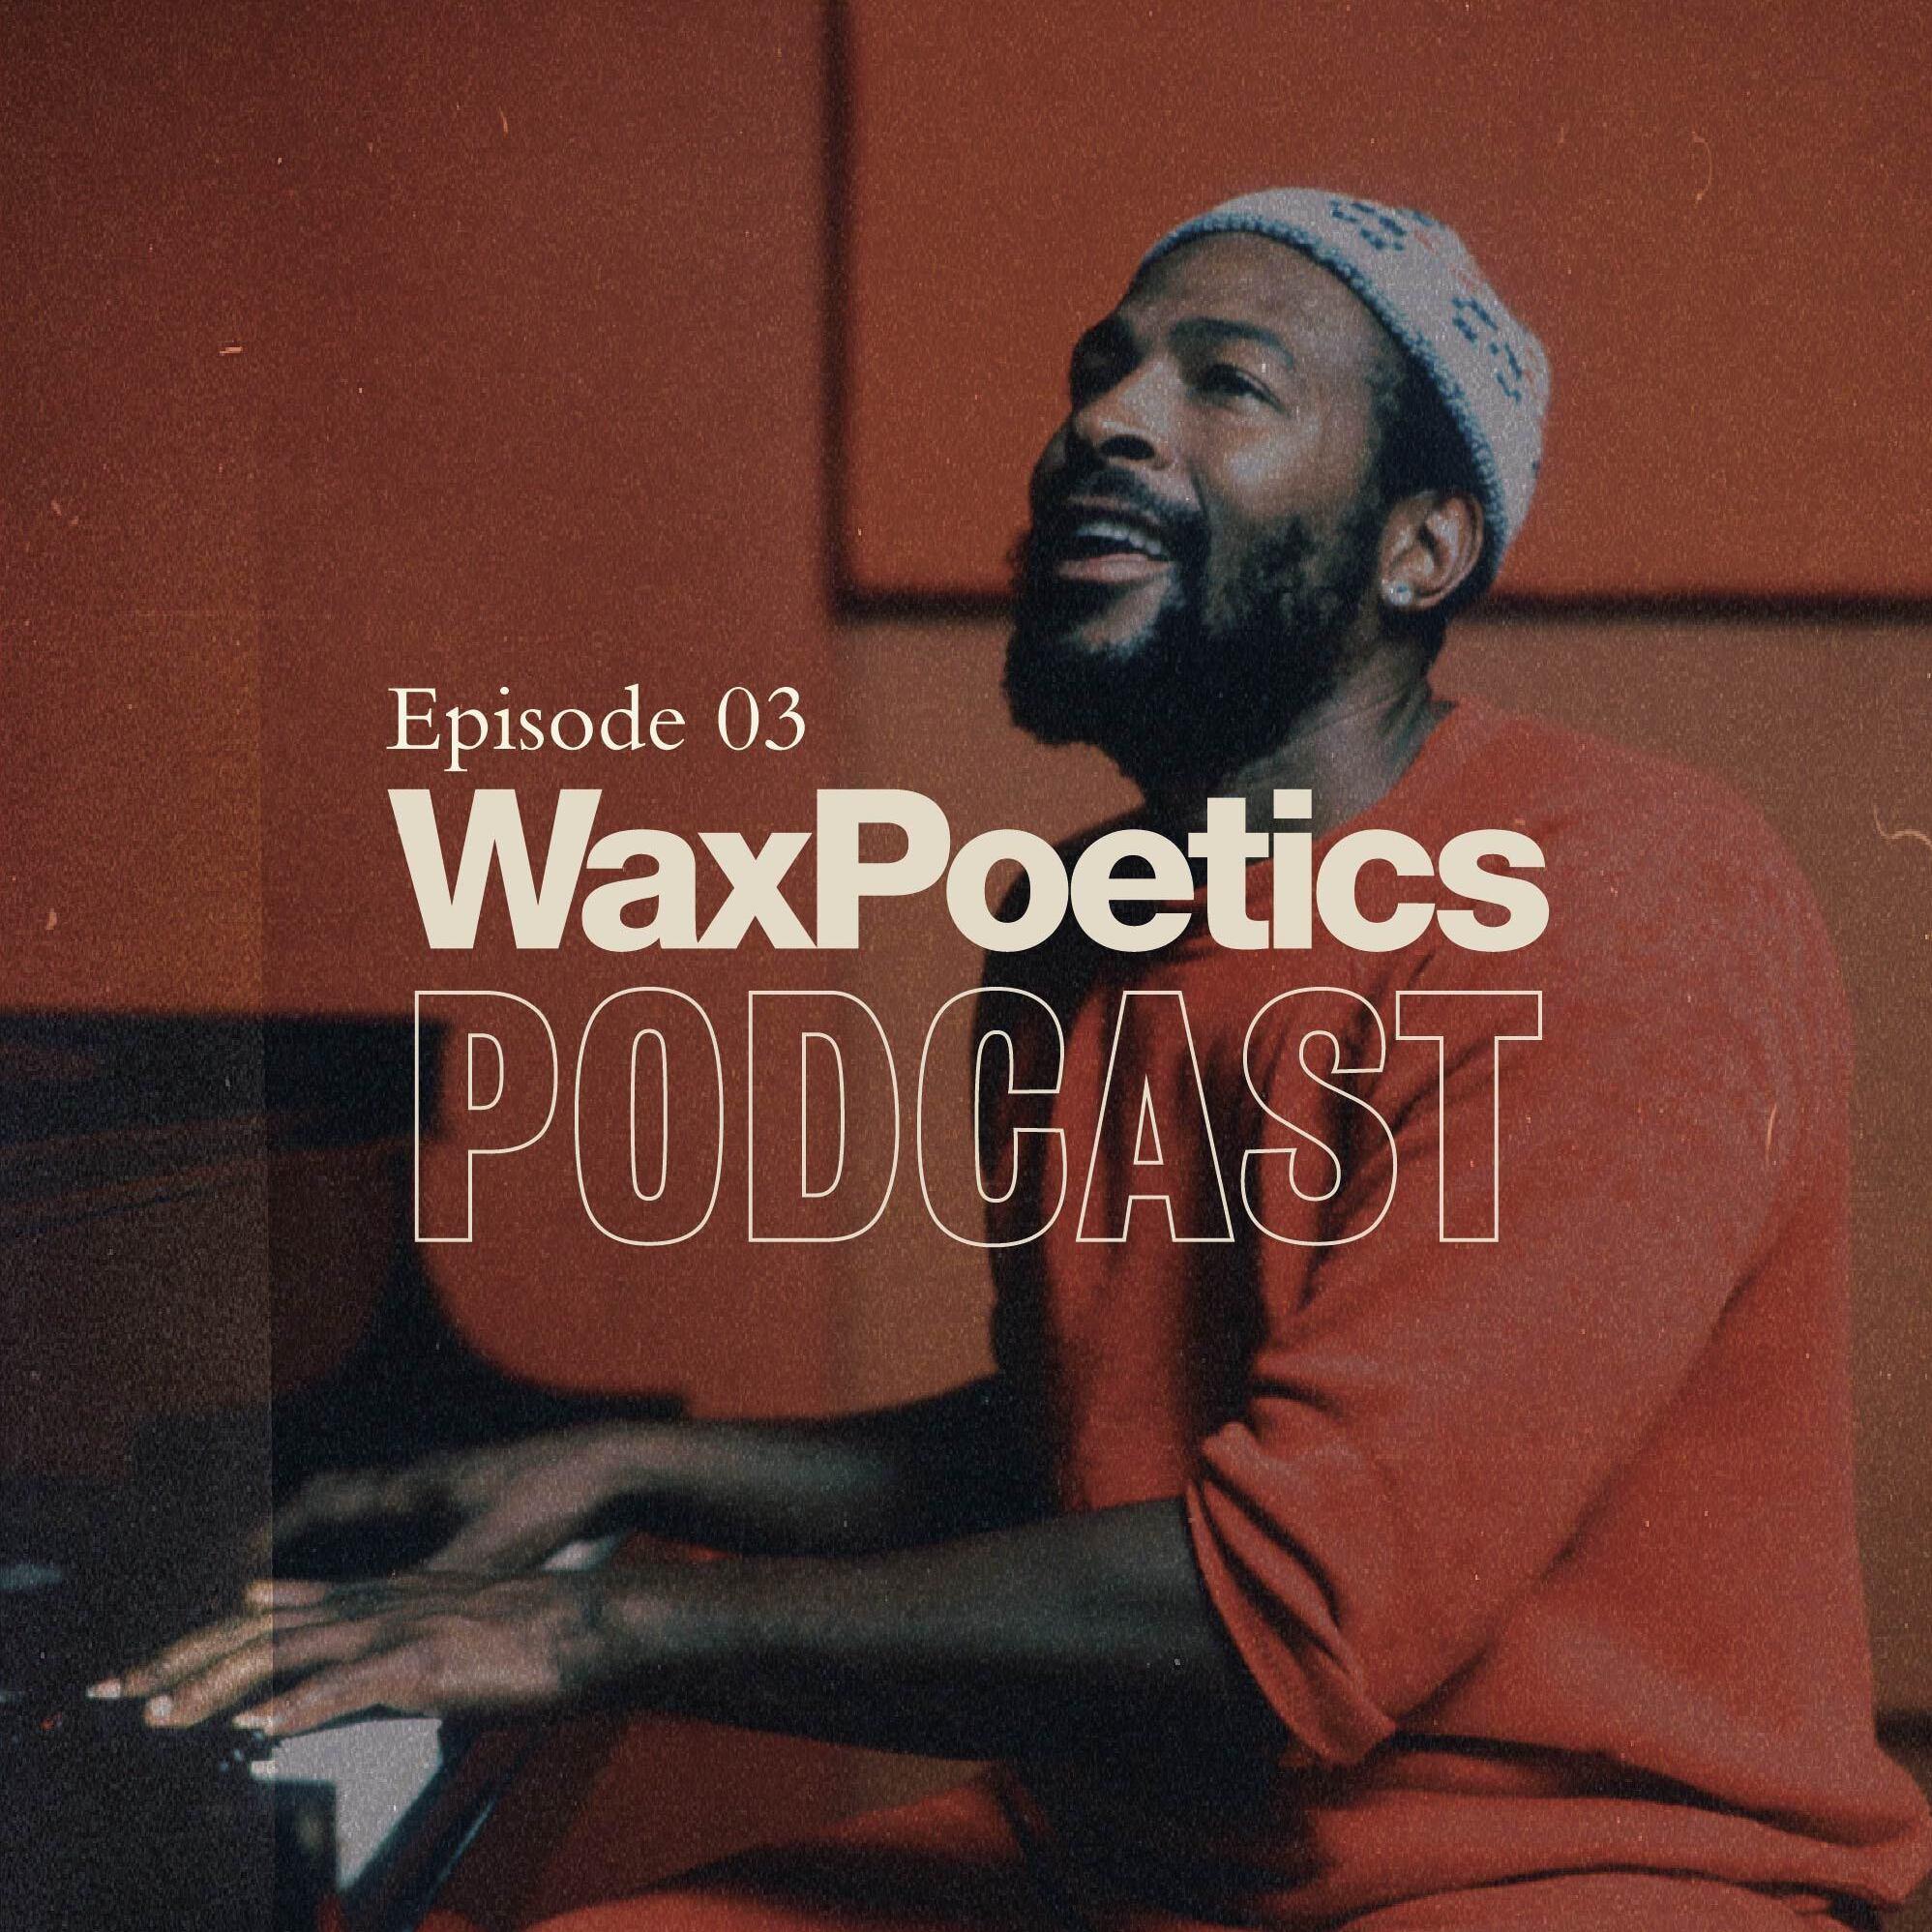 Wax Poetics Podcast: Episode 03